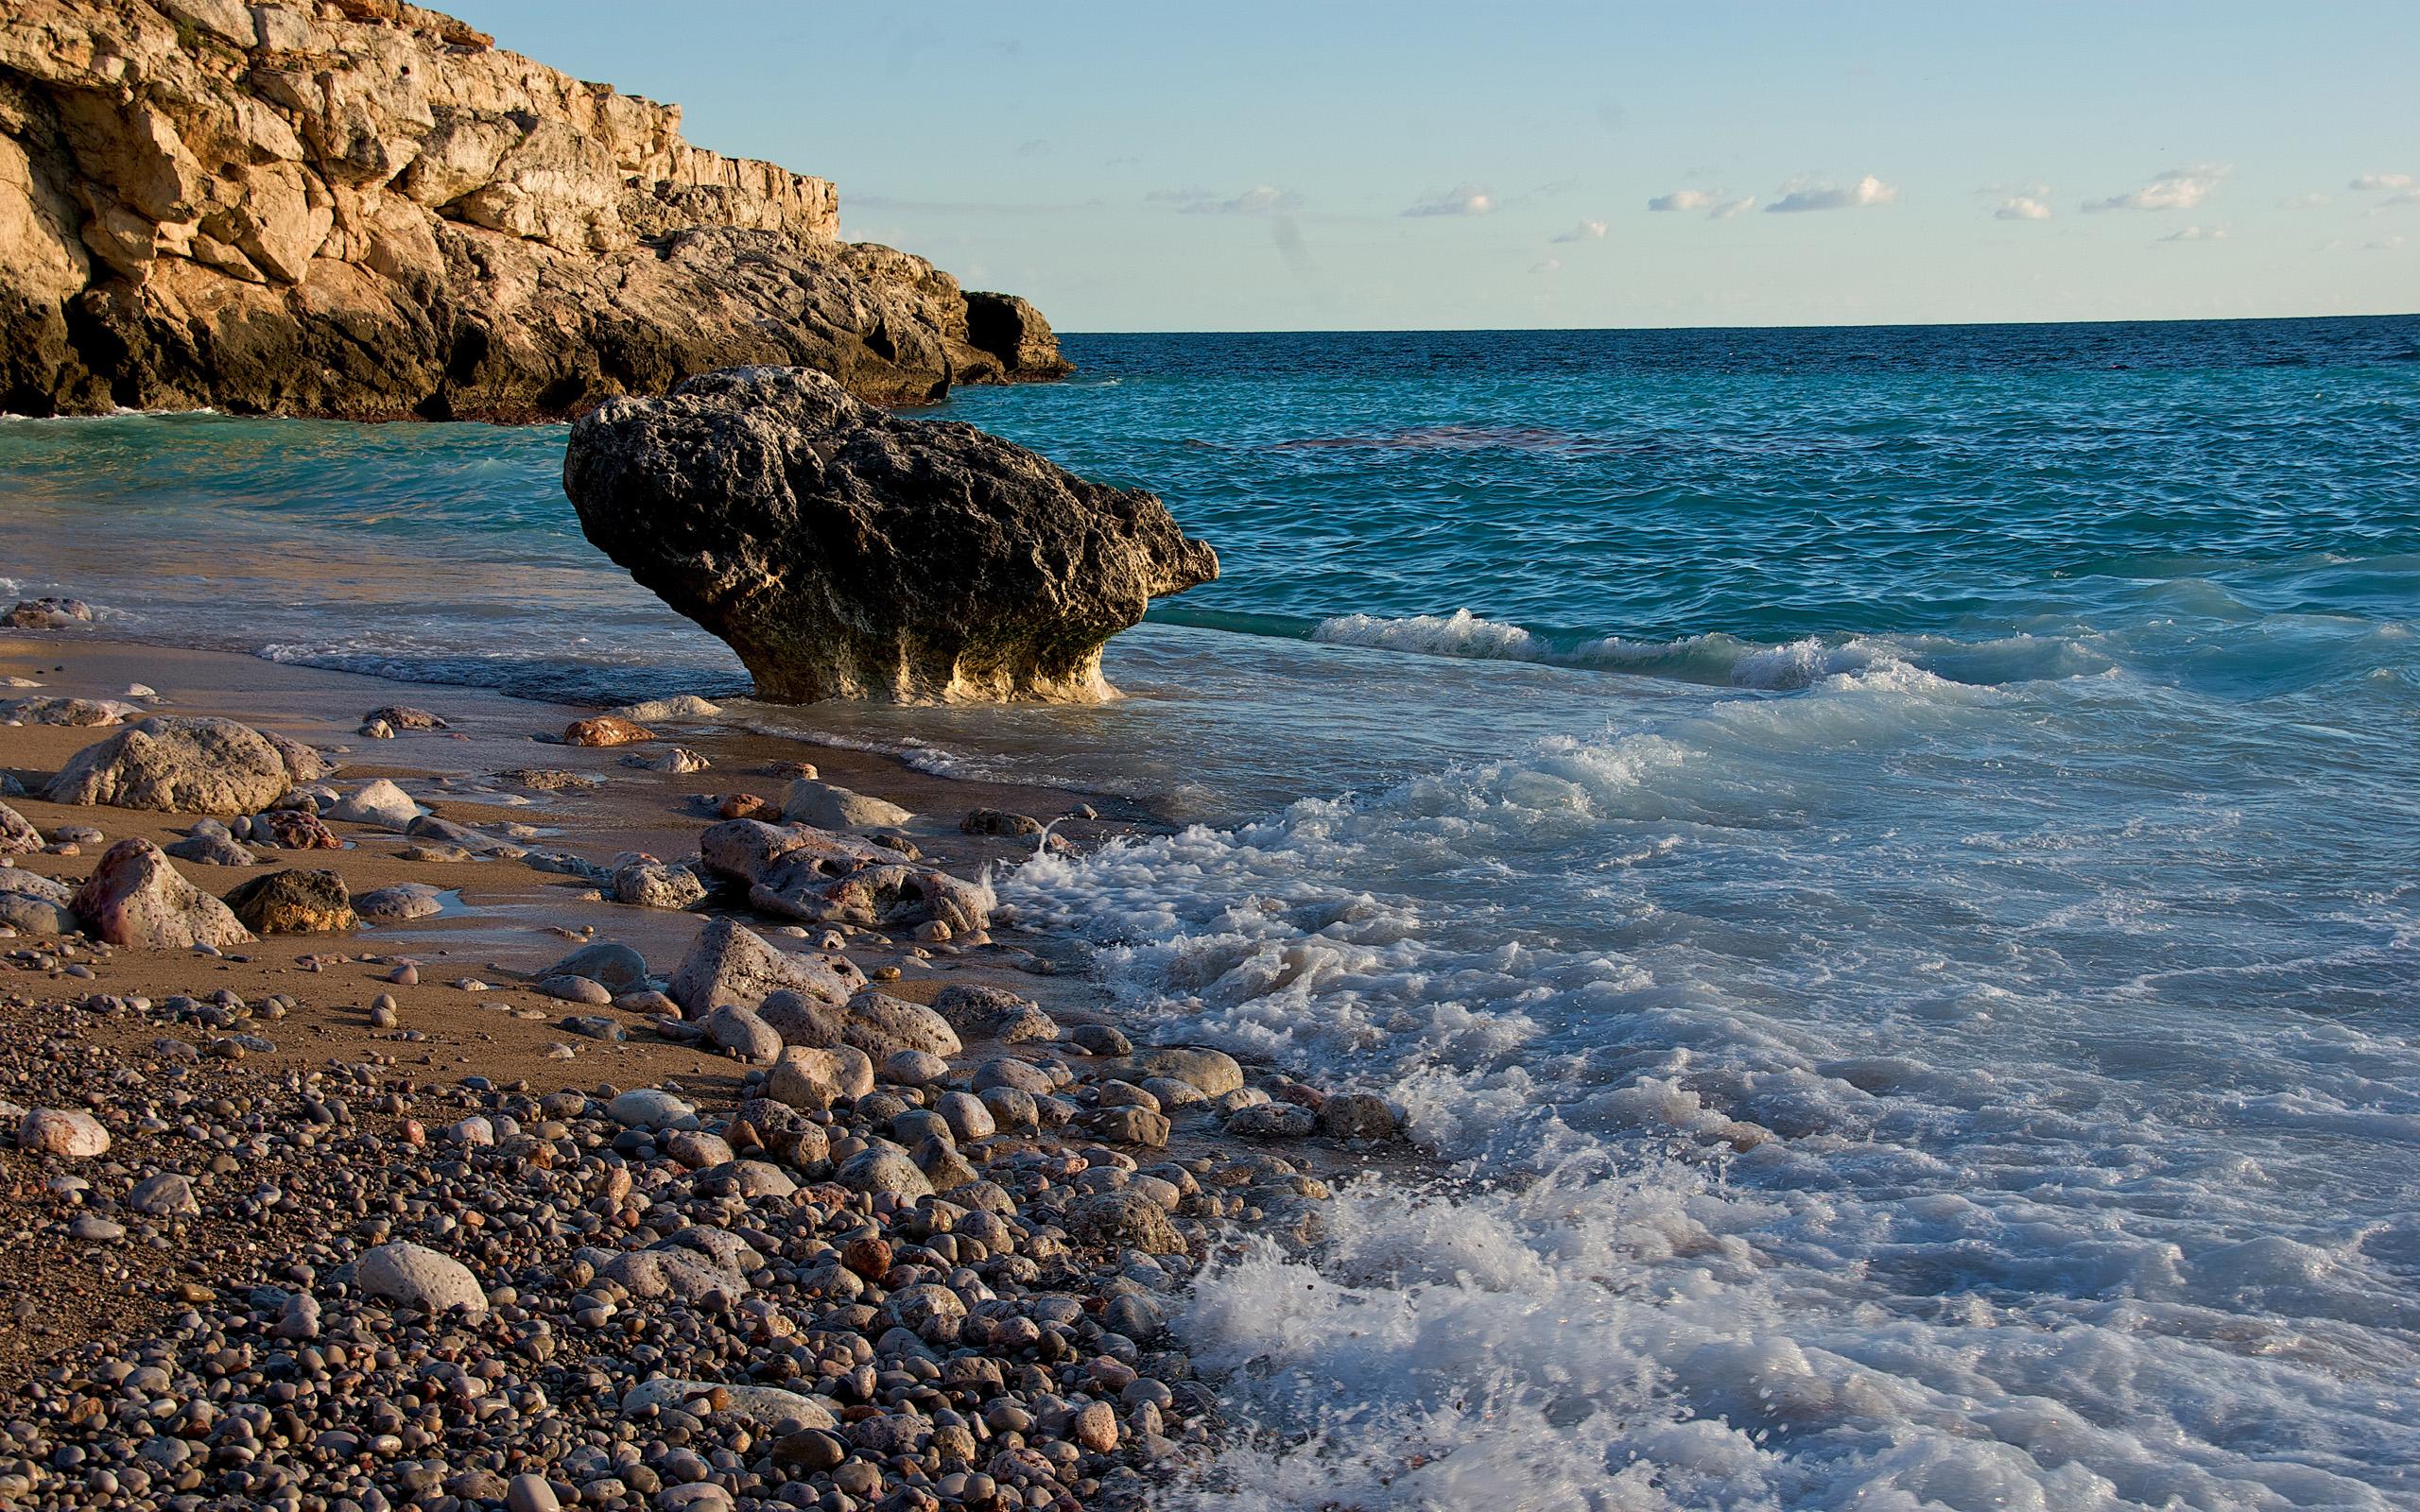 Камни пляж берег море бесплатно